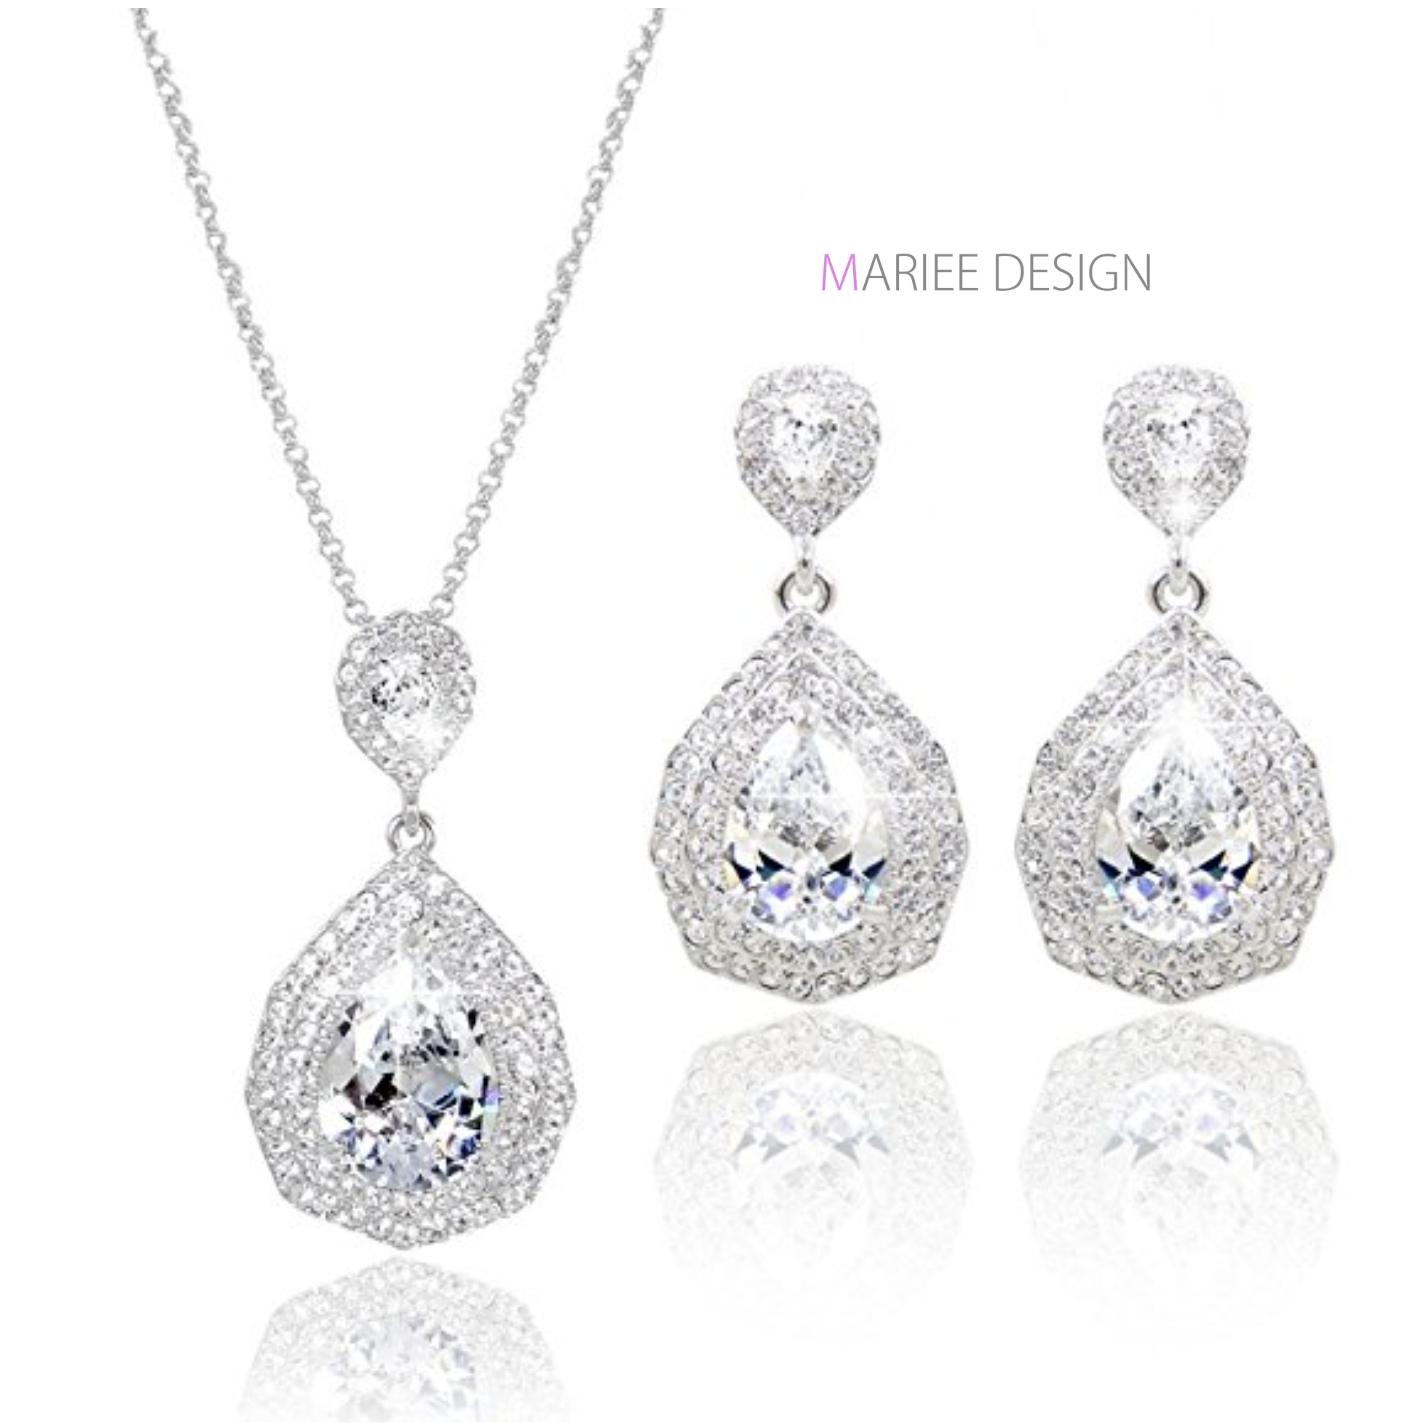 Sety šperkov: náhrdelník + náušnice SKLADOM :) - Obrázok č. 19